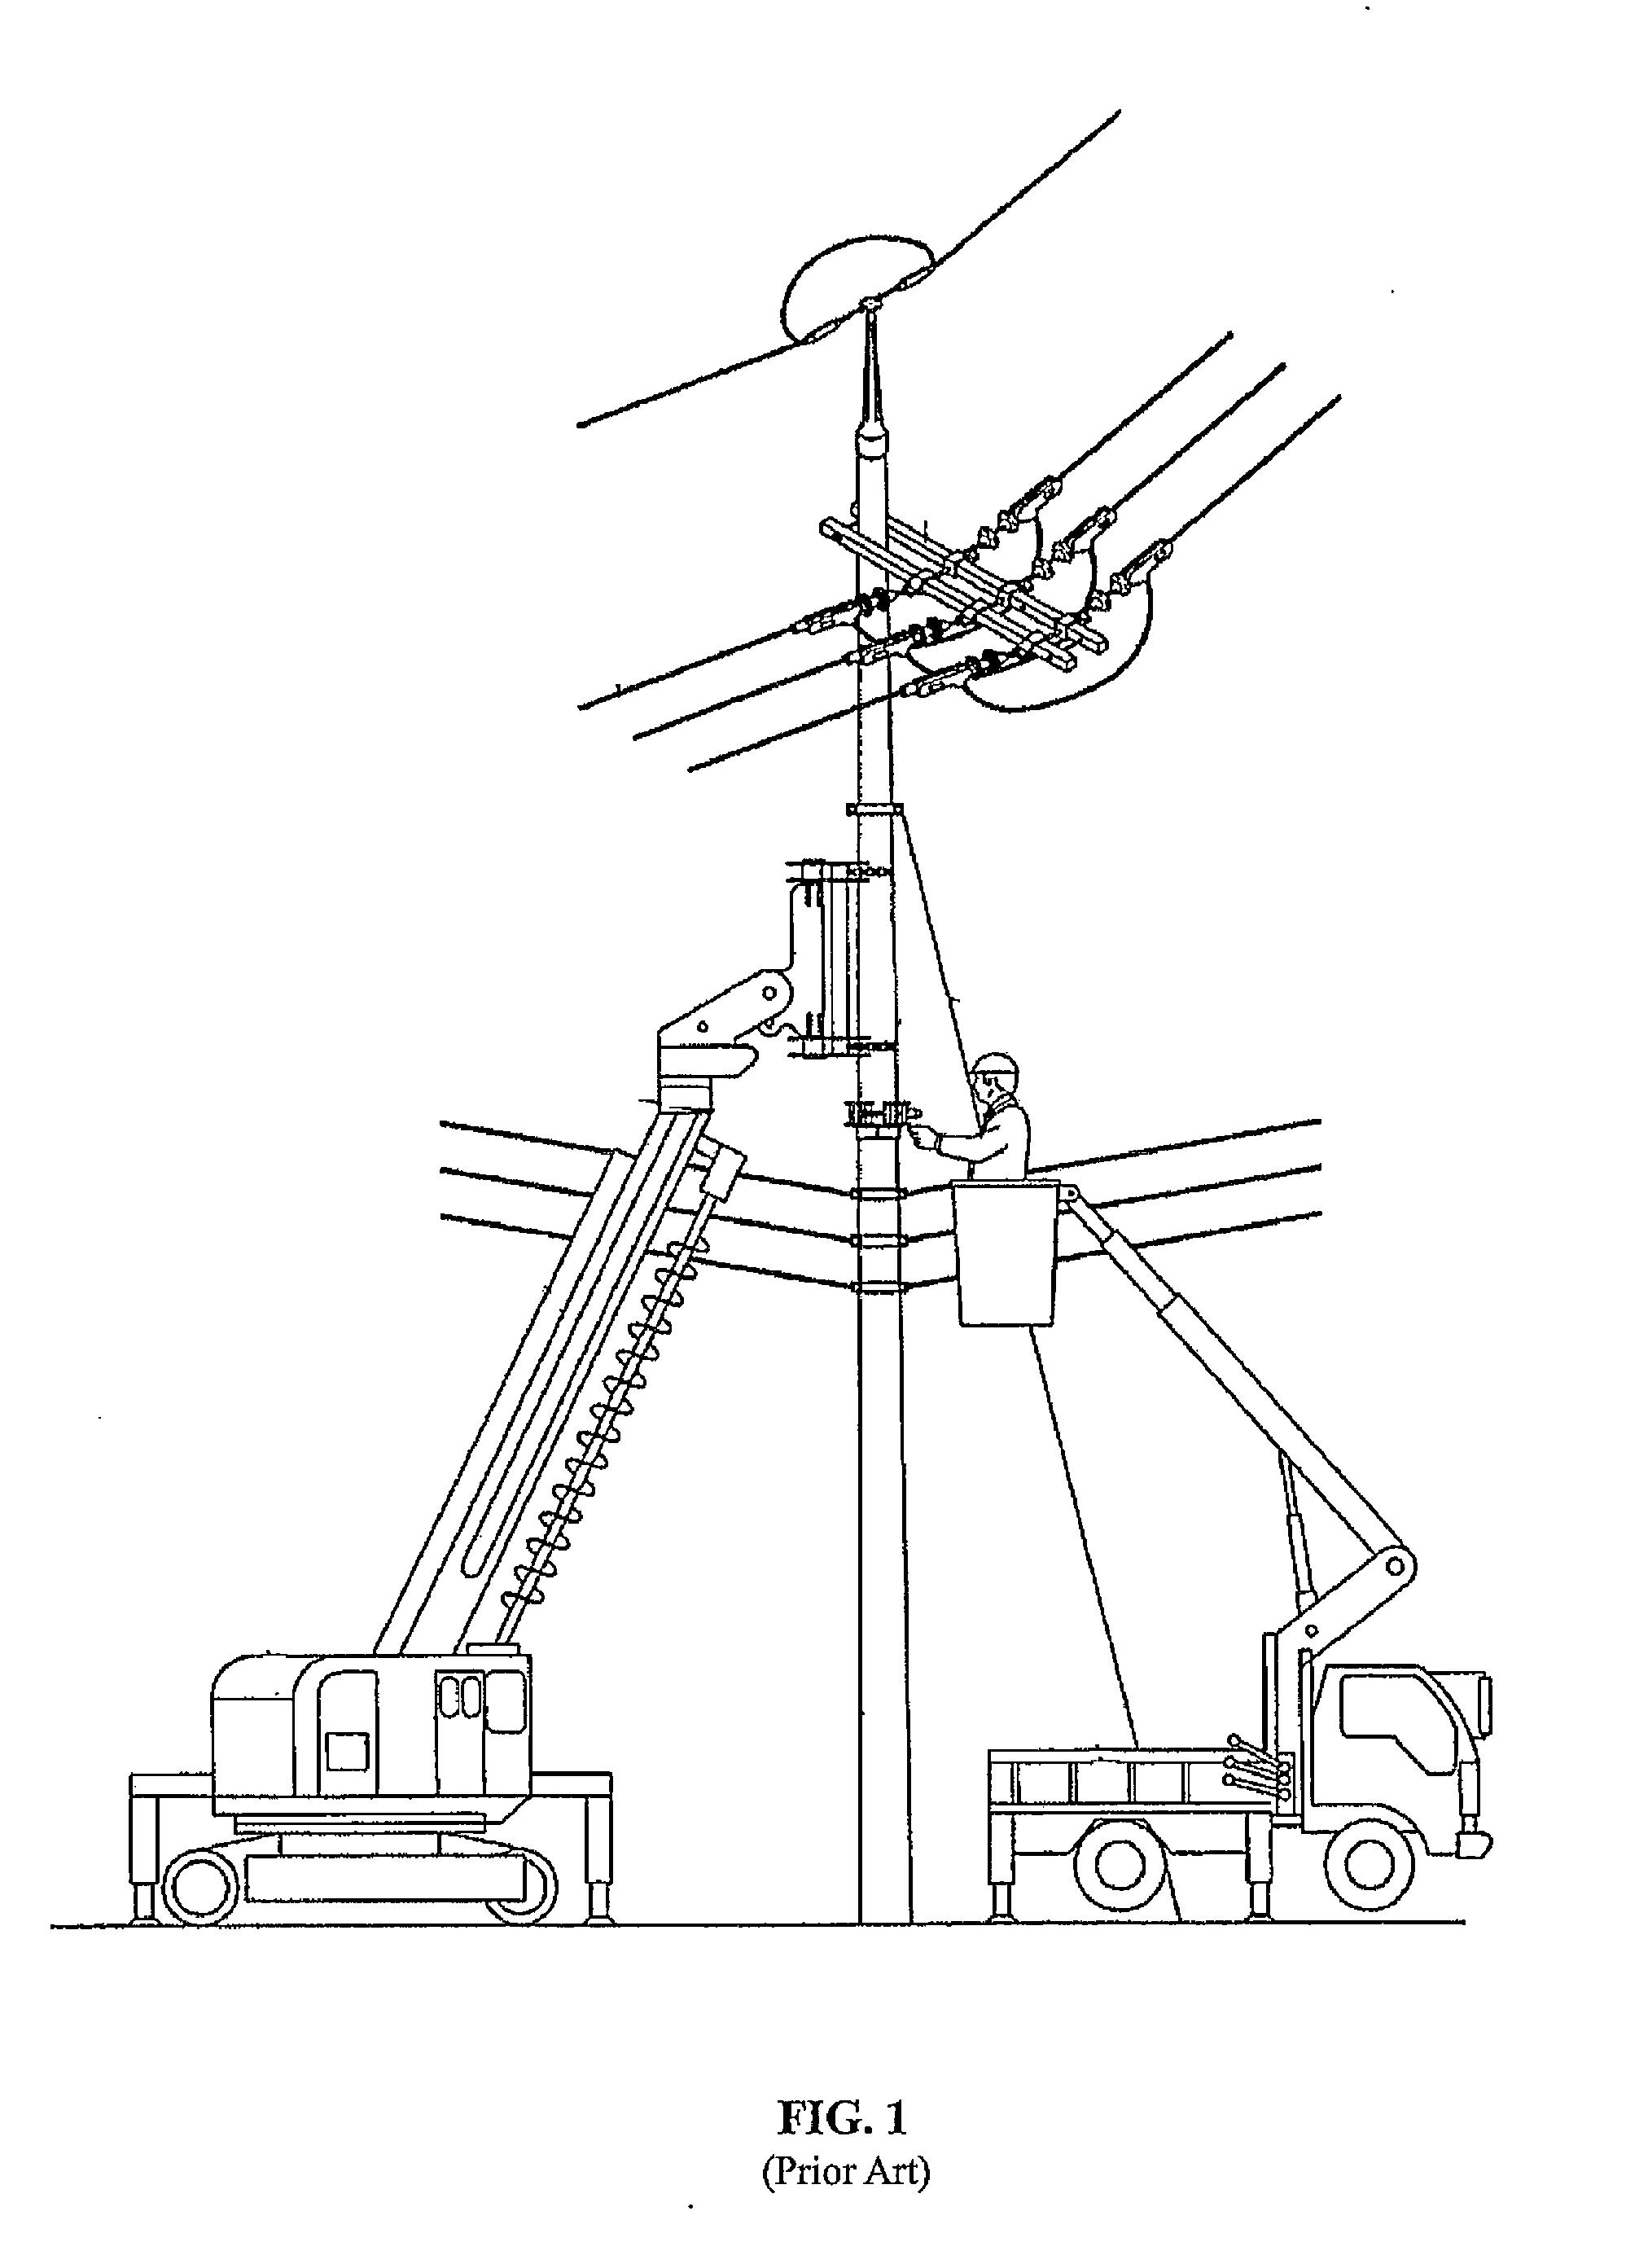 97 Honda 400 Foreman Wiring Diagram - Wiring Diagram G11 on